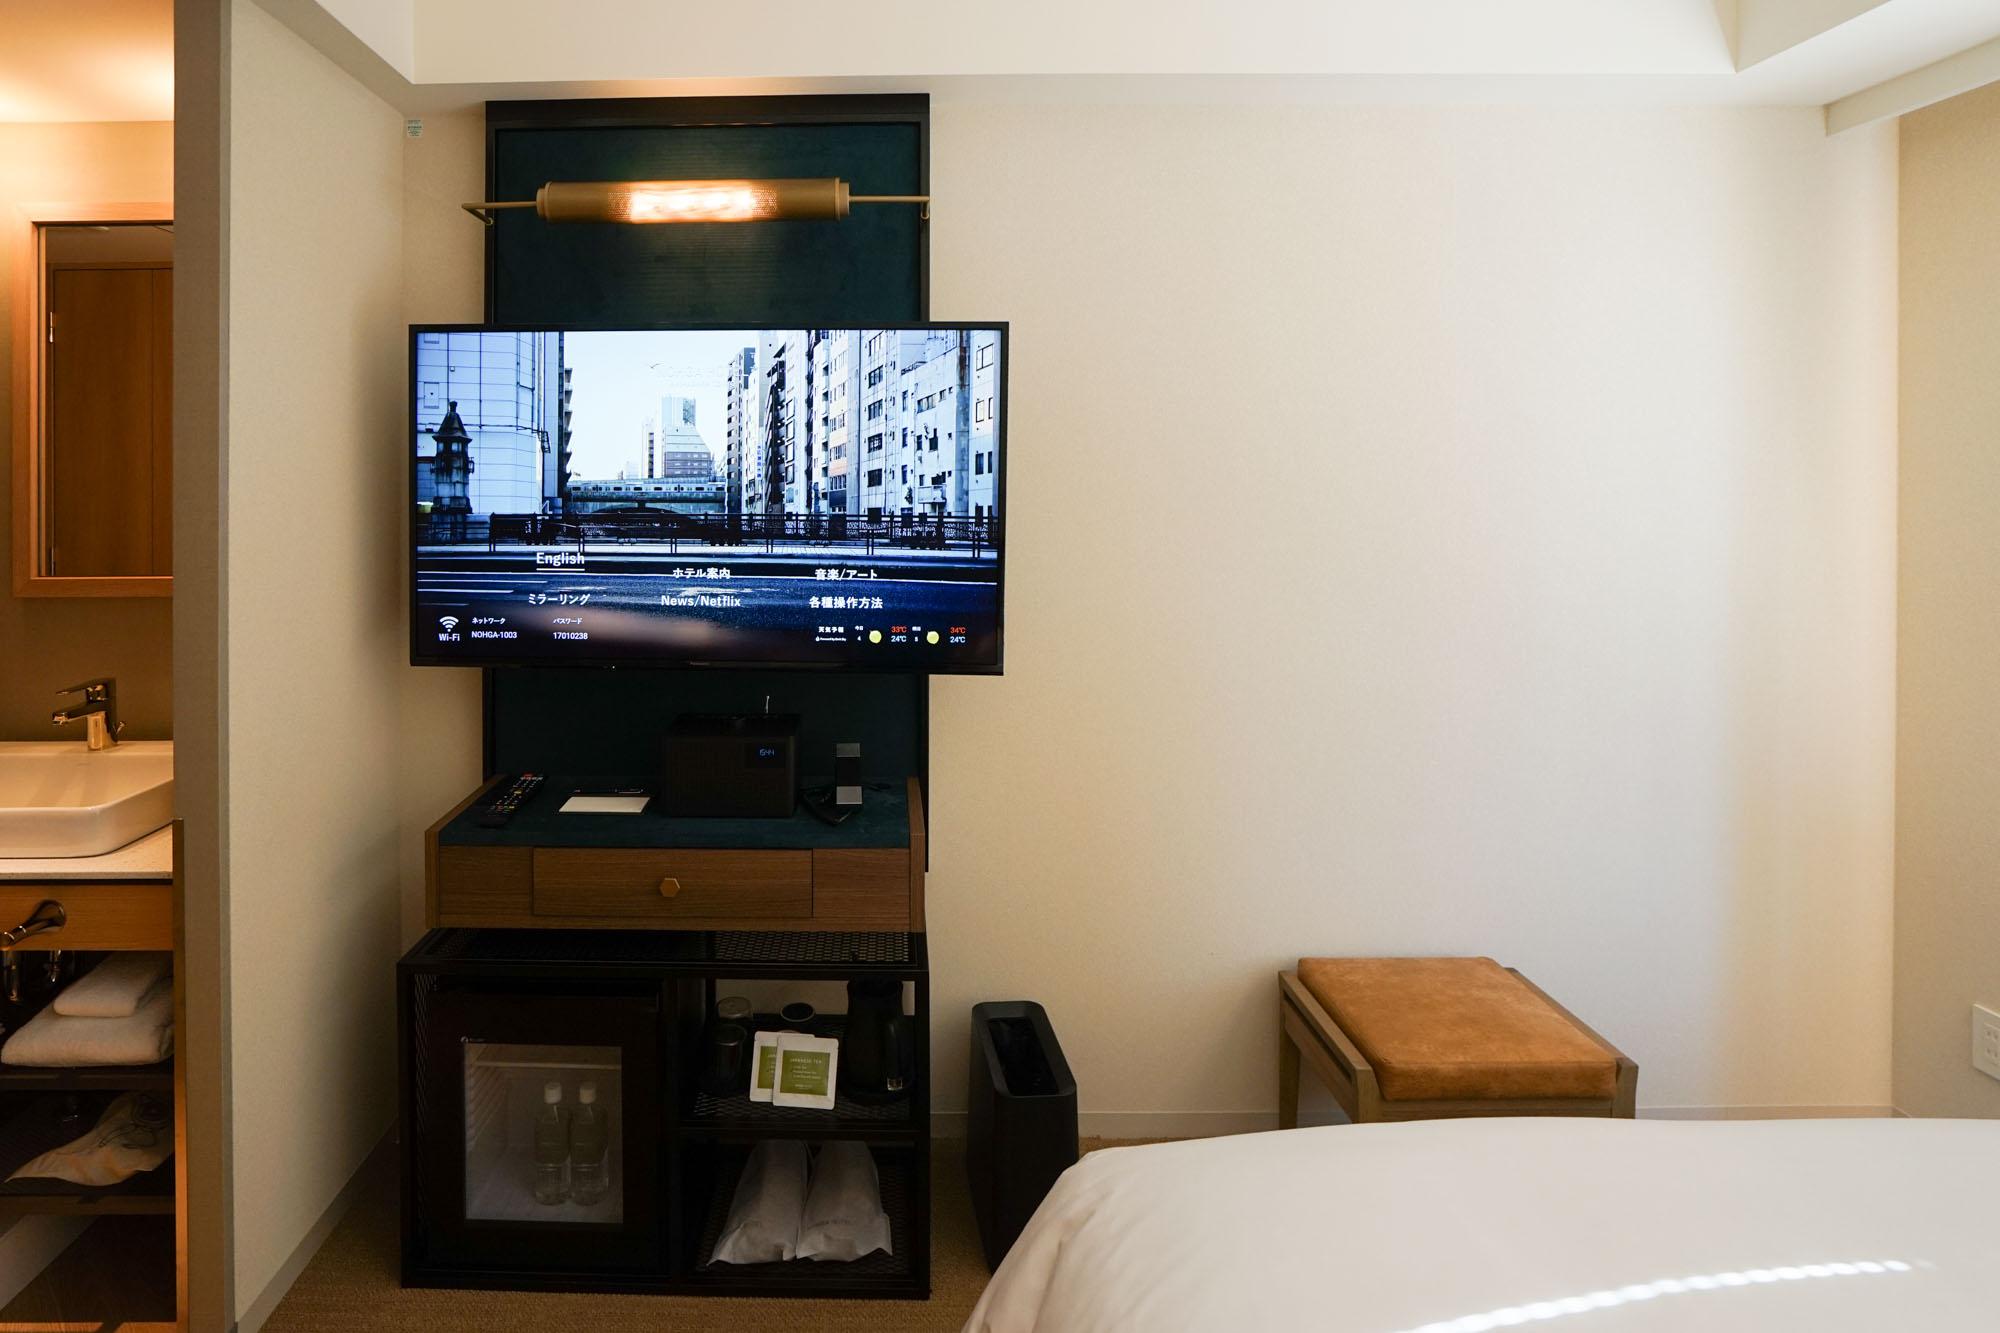 注目したいのは、ベッドの向かい側にあるメディアシステム!